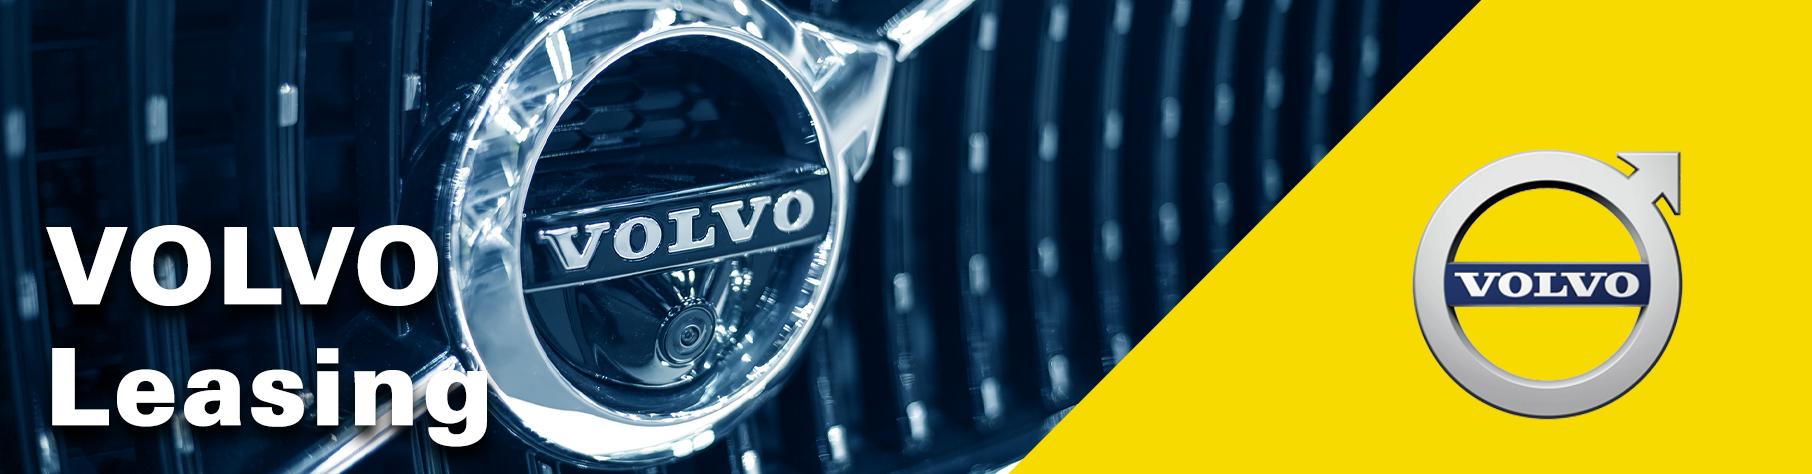 VOLVO-Leasing für Ihr Business - Unsere VOLVO-Leasing-Bestseller